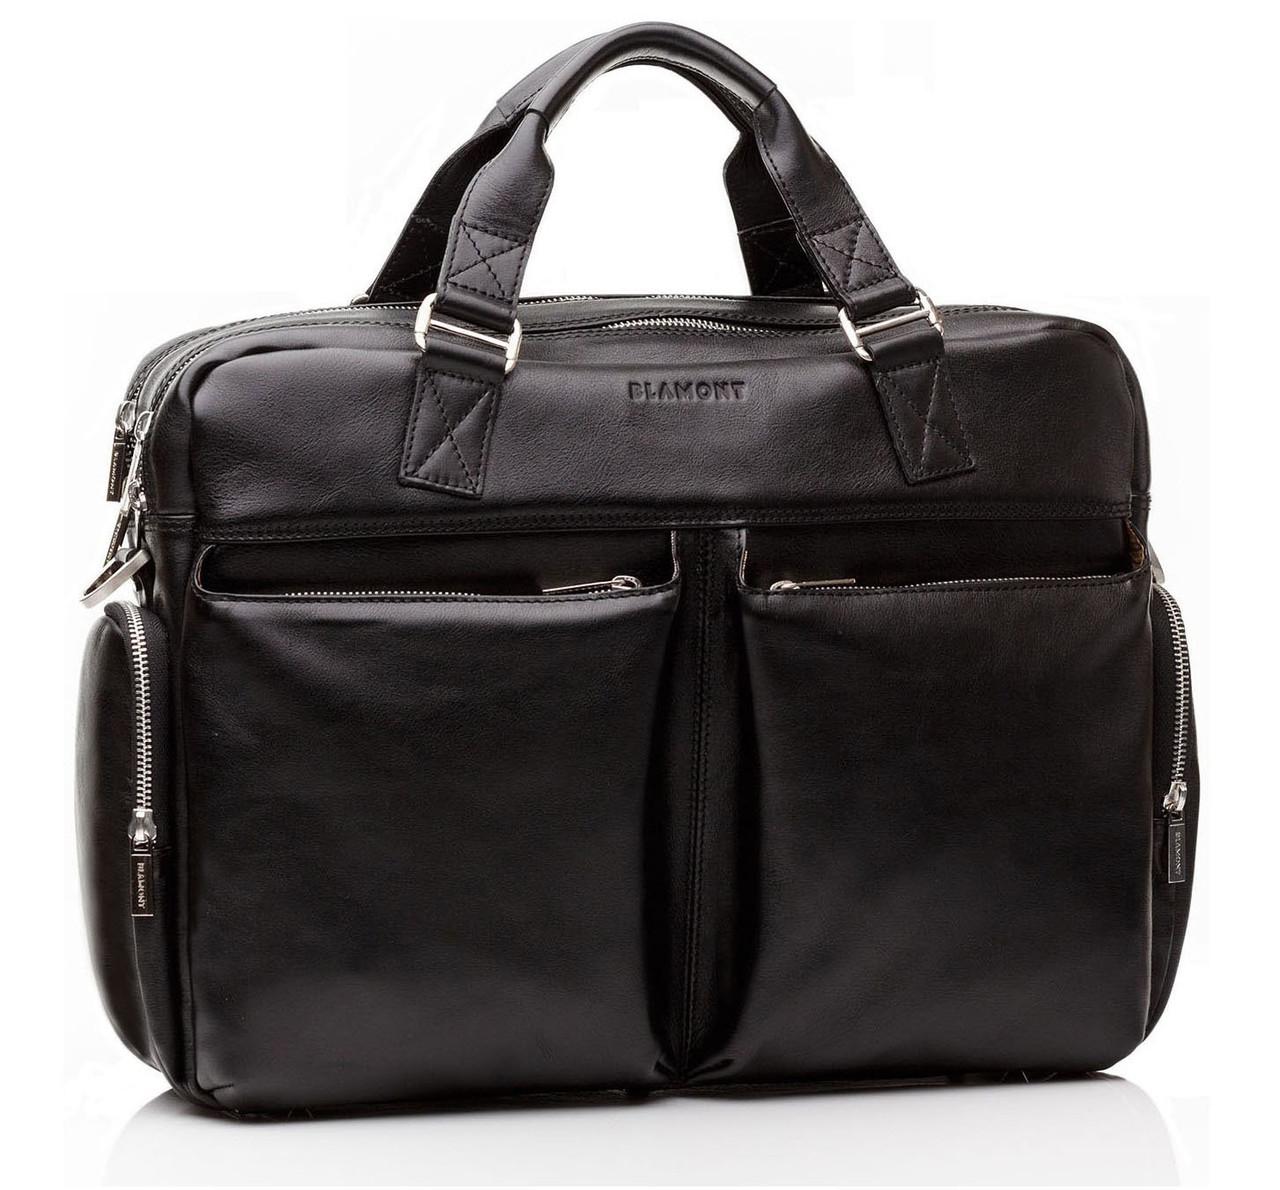 Мужская деловая сумка Blamont в горизонтальном стиле из люксовой натуральной кожи в черном цвете Bn002A